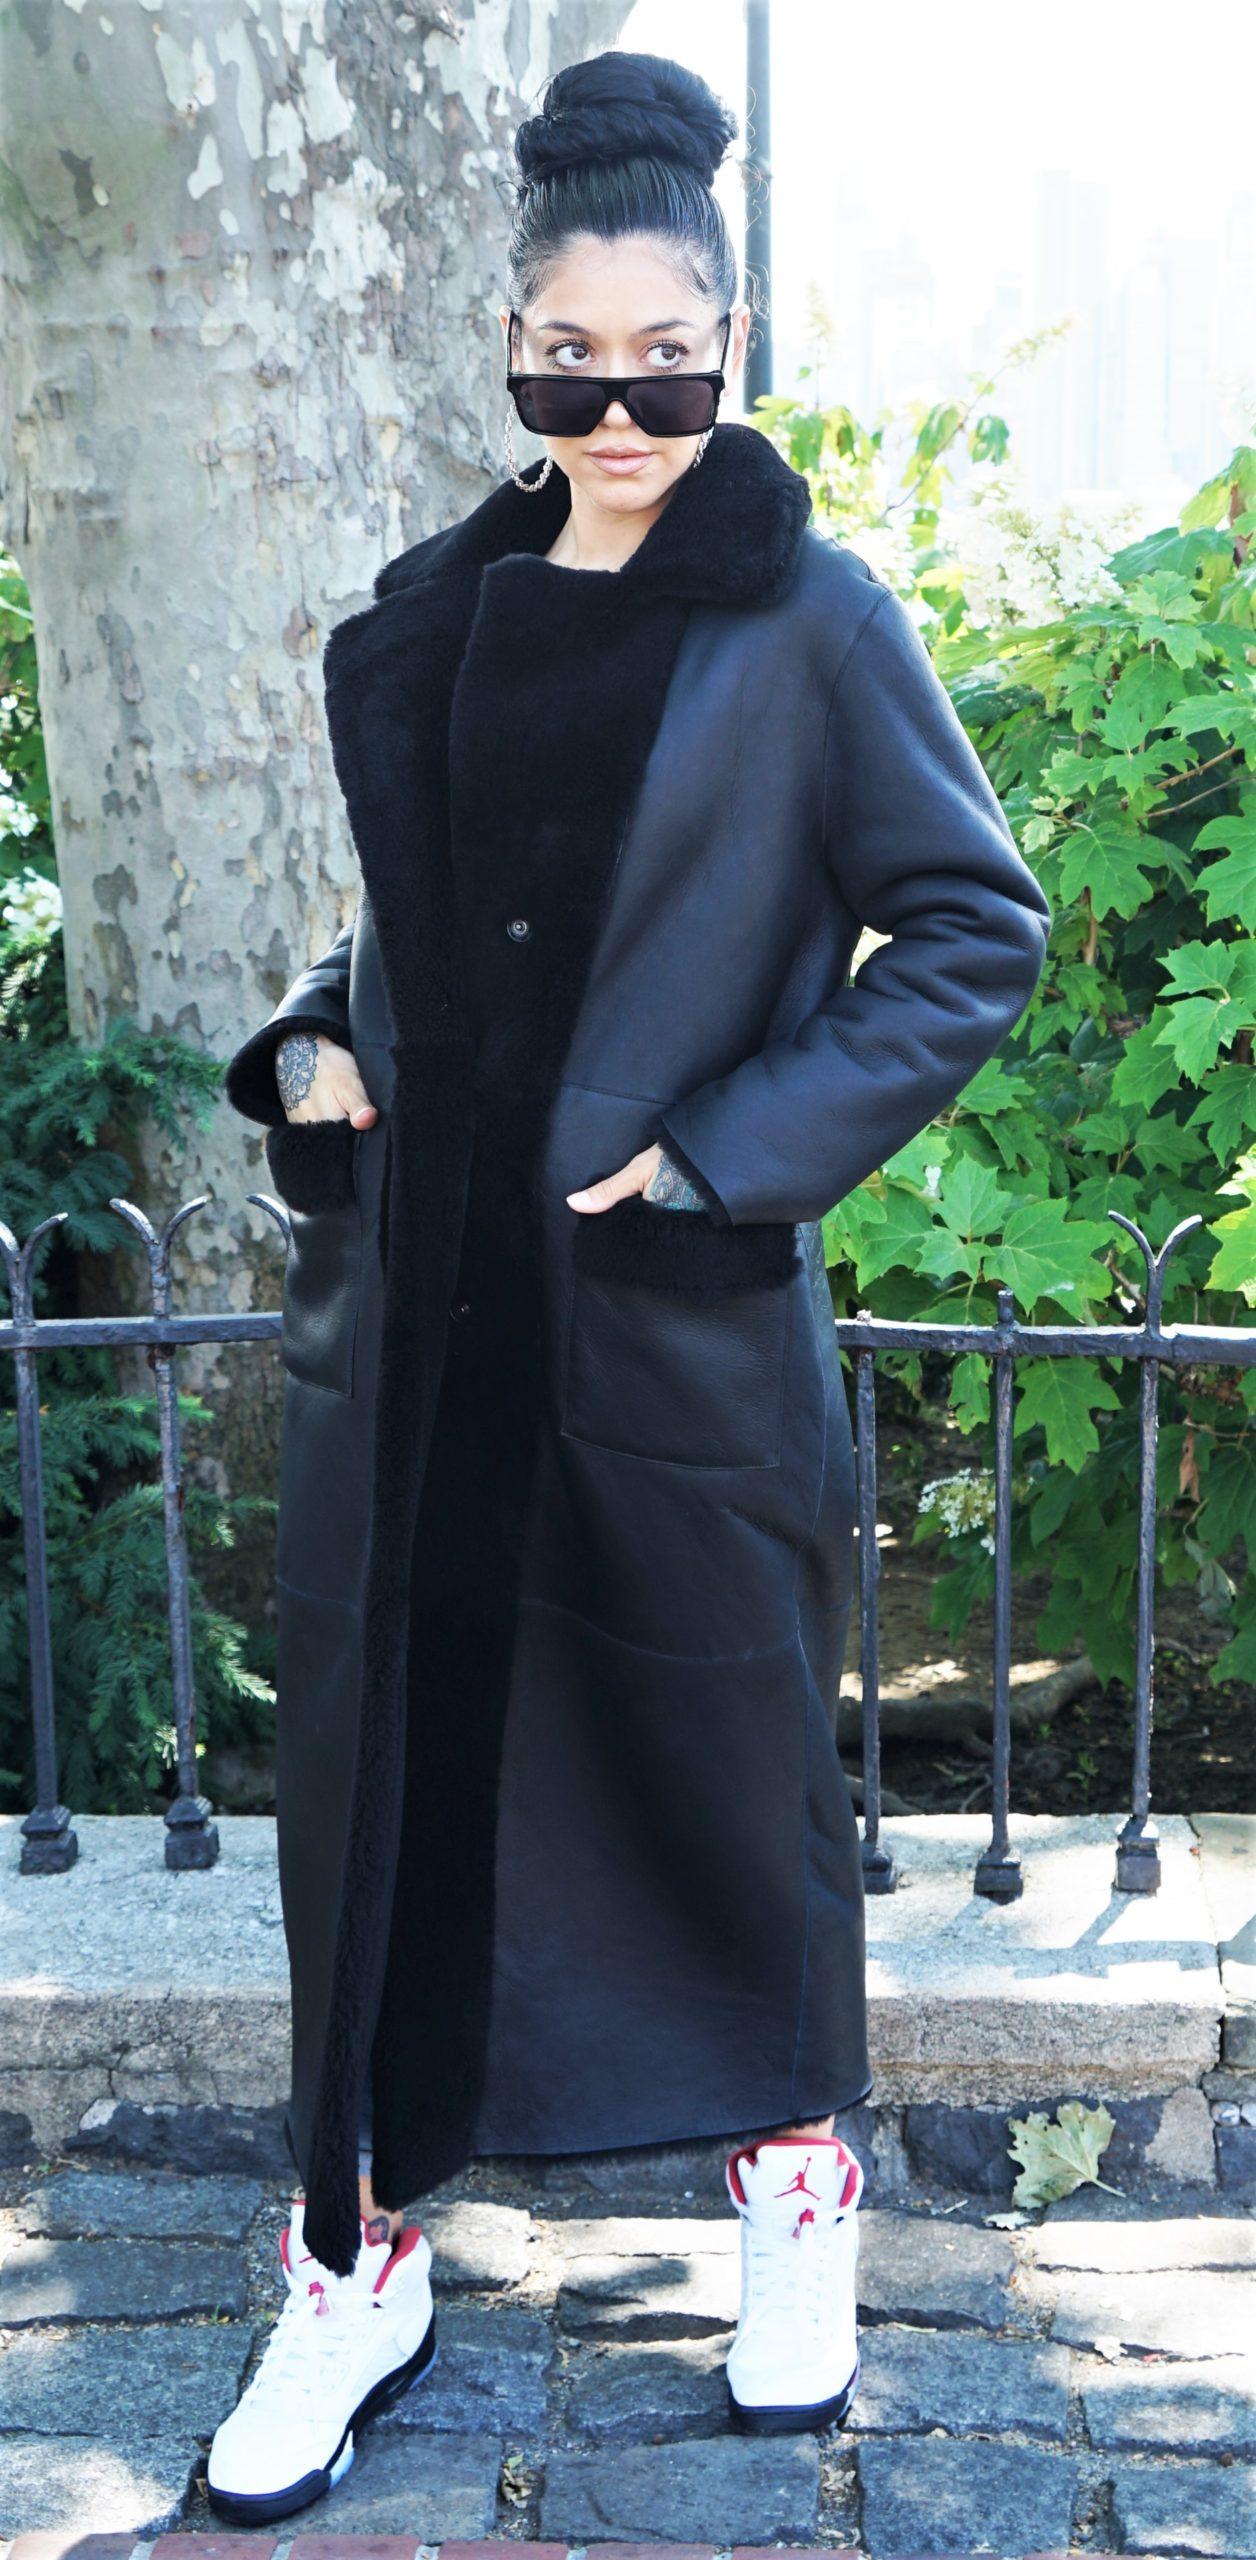 Shearling Full Length Coat Woman's